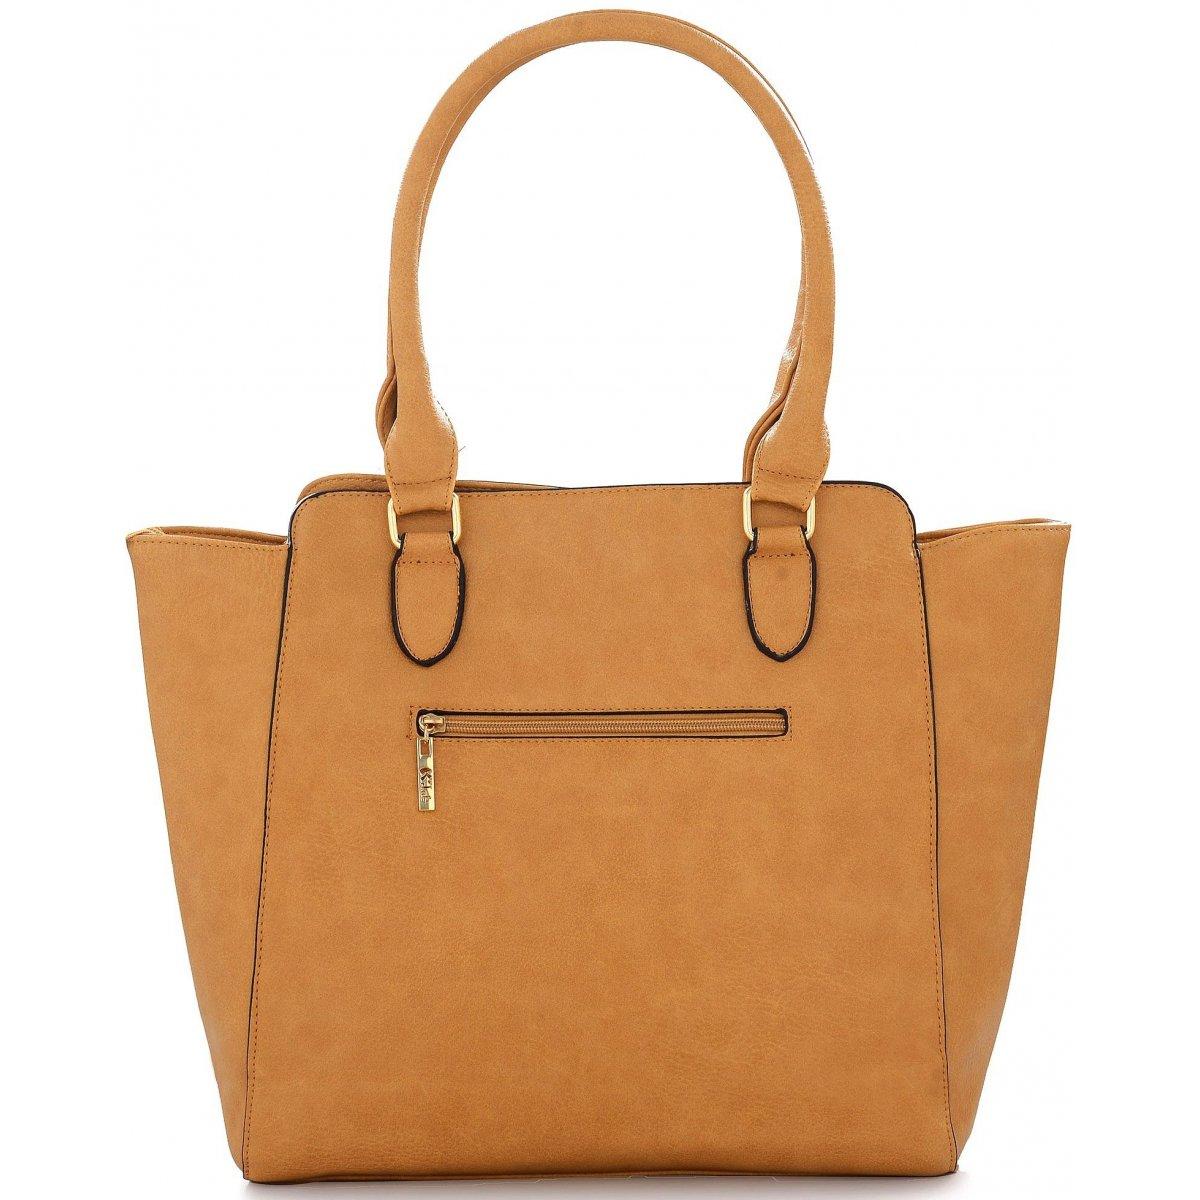 sac main les sacs de krlot fkg0006 couleur principale camel promotion. Black Bedroom Furniture Sets. Home Design Ideas